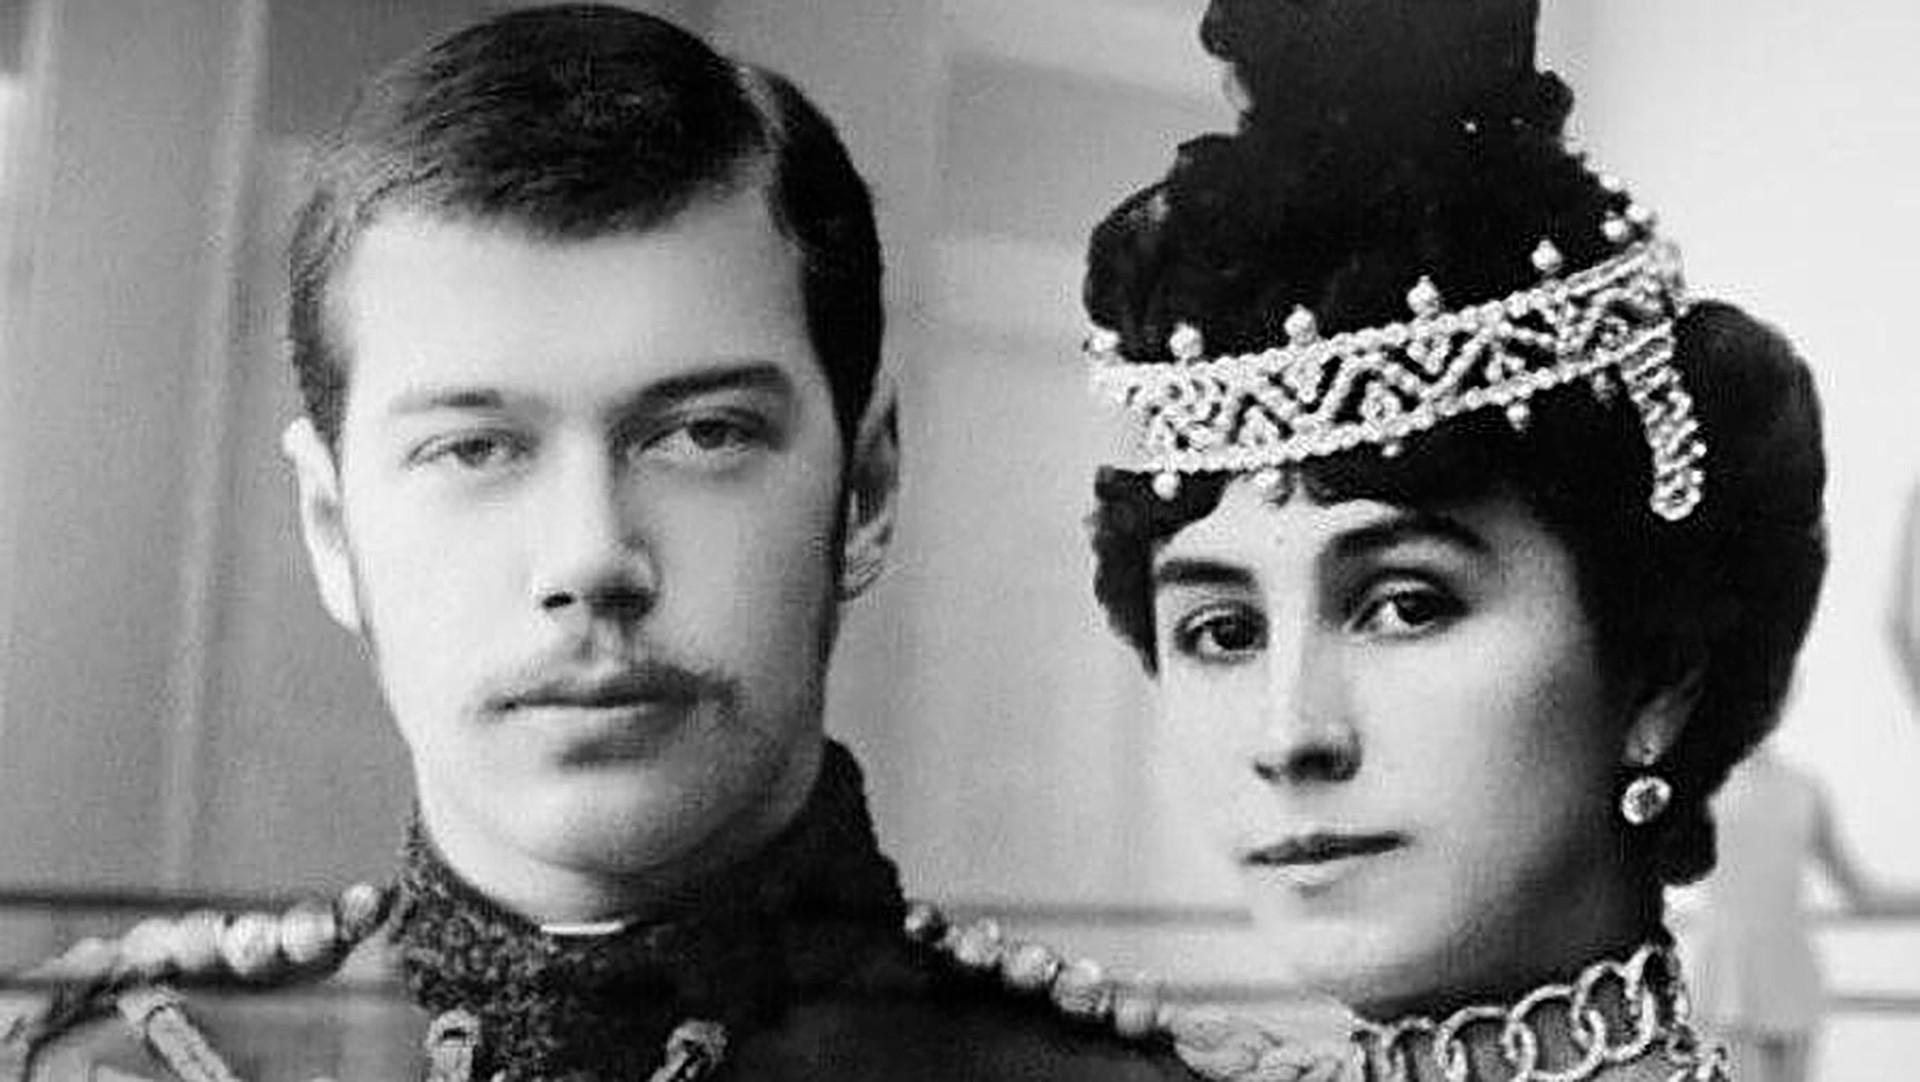 Lo zar Nicola II e la ballerina Matilda Kshesinskaja